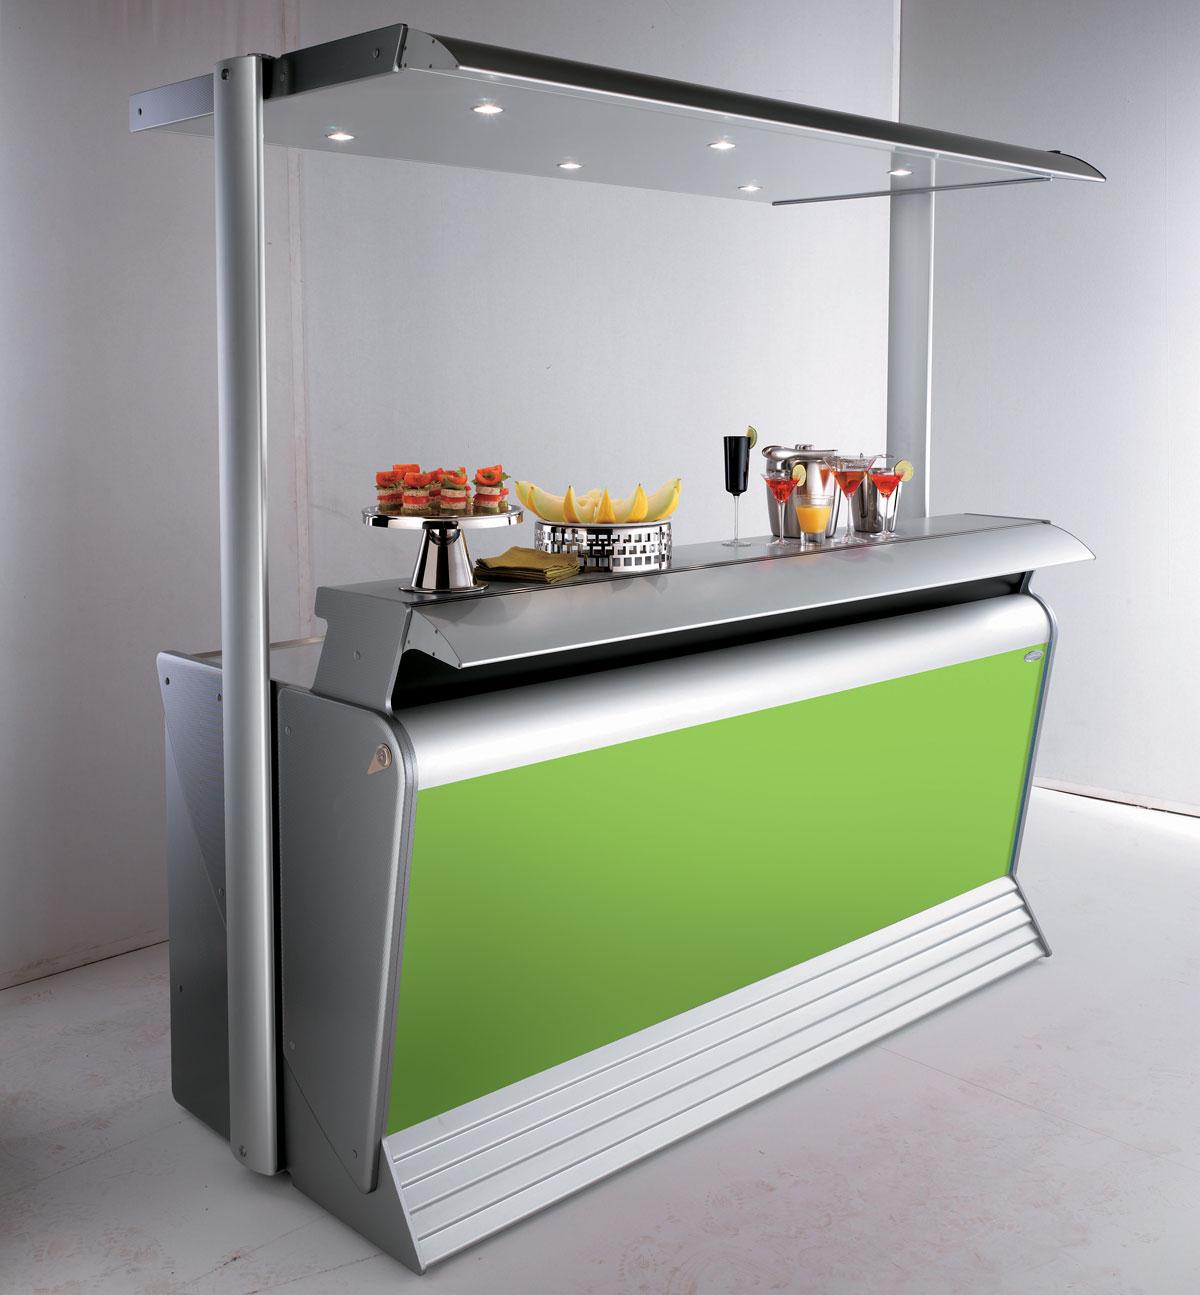 amobile bar arredamento interni : Particolari Per Bar : Arredamenti bagno design. Arredamenti bar ...